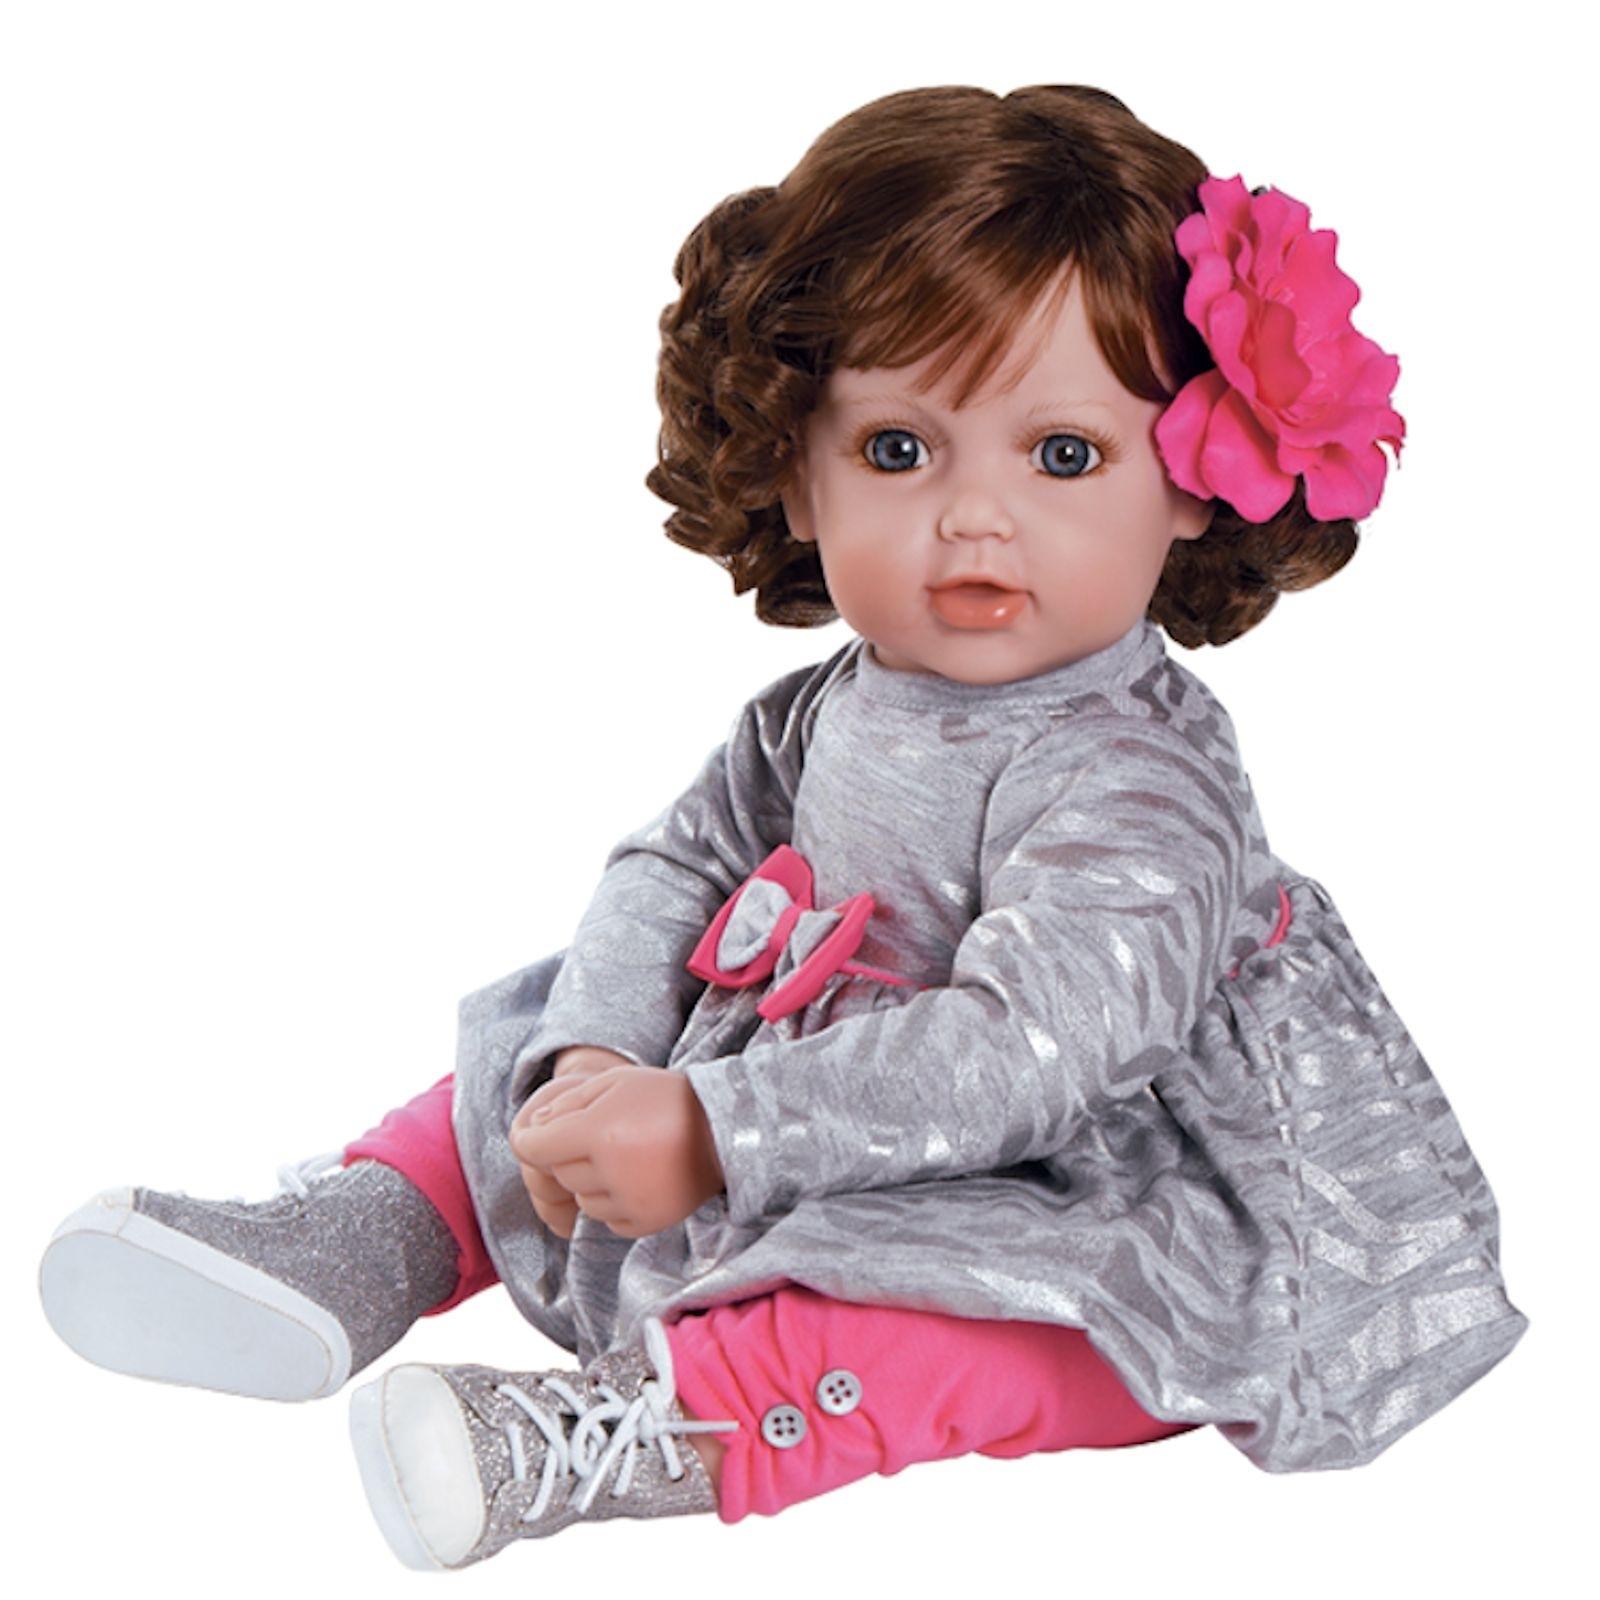 Куклы для детей девочки фото